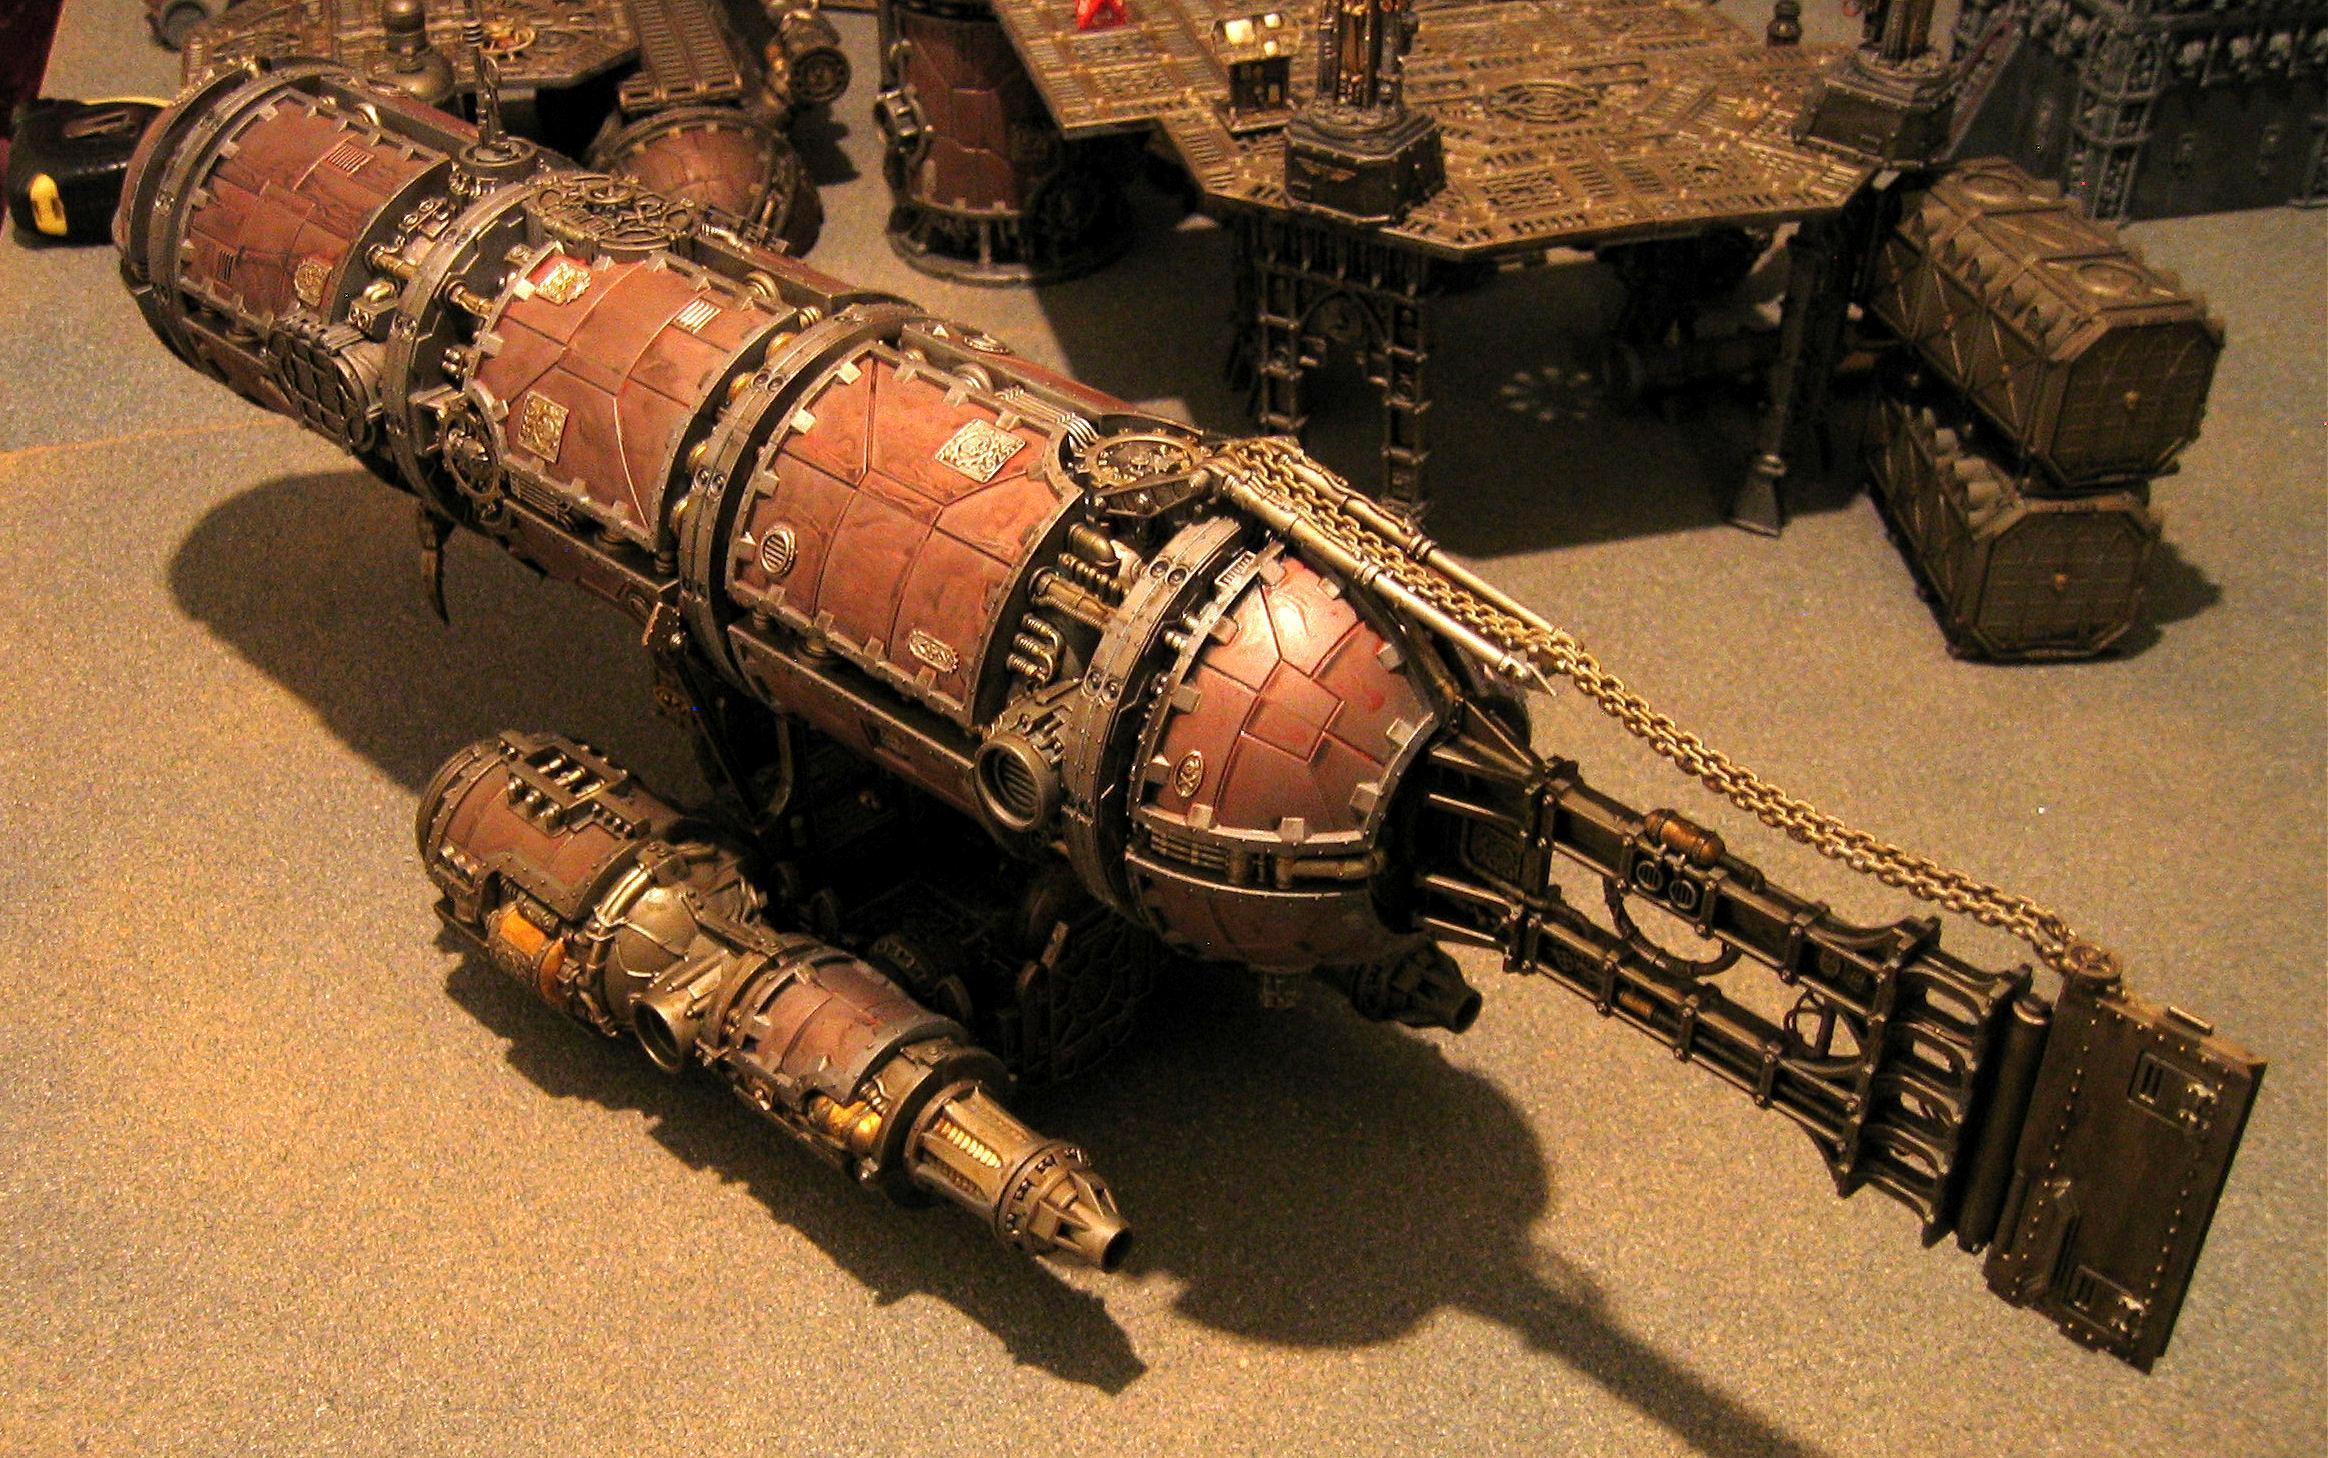 Admech, Blimp, Mechanicus, Warhammer 40,000